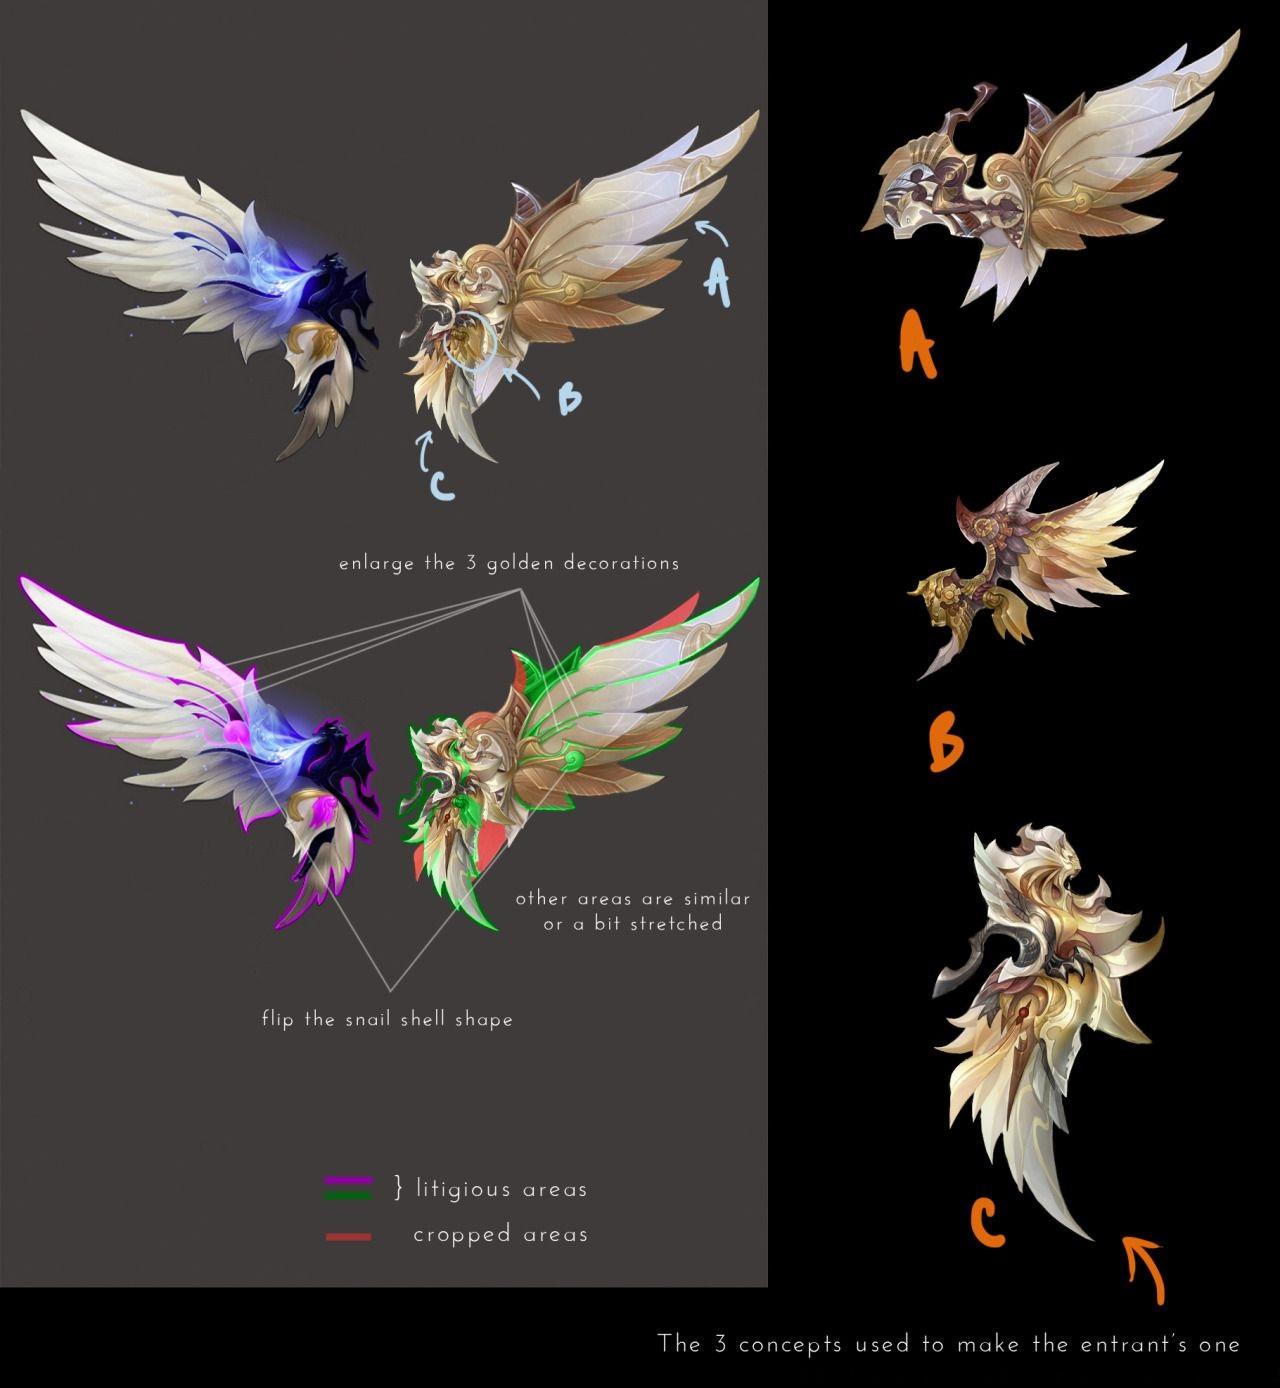 外服翅膀设计大赛作品展示 双色主基调--永恒之塔---.